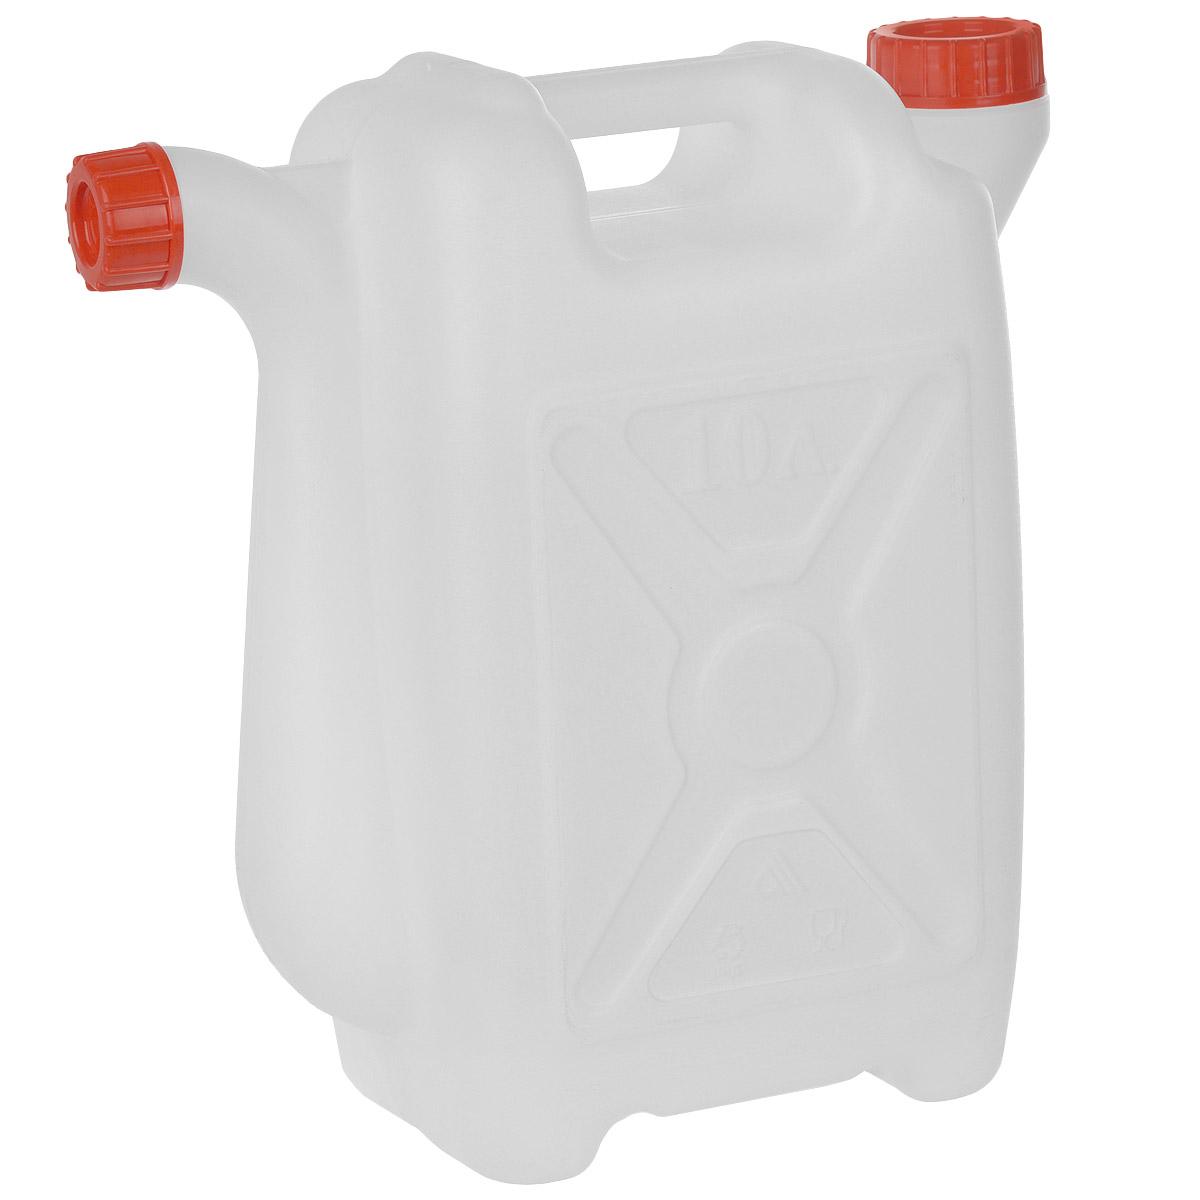 Канистра со сливом Альтернатива, 10 лBM-06-4Канистра Альтернатива на 10 литров, изготовленная из прочного пластика, несомненно, пригодится вам во время путешествия. Предназначена для переноски и хранения различных жидкостей. Канистра оснащена сливом. Диаметр горла: 3,7 см.